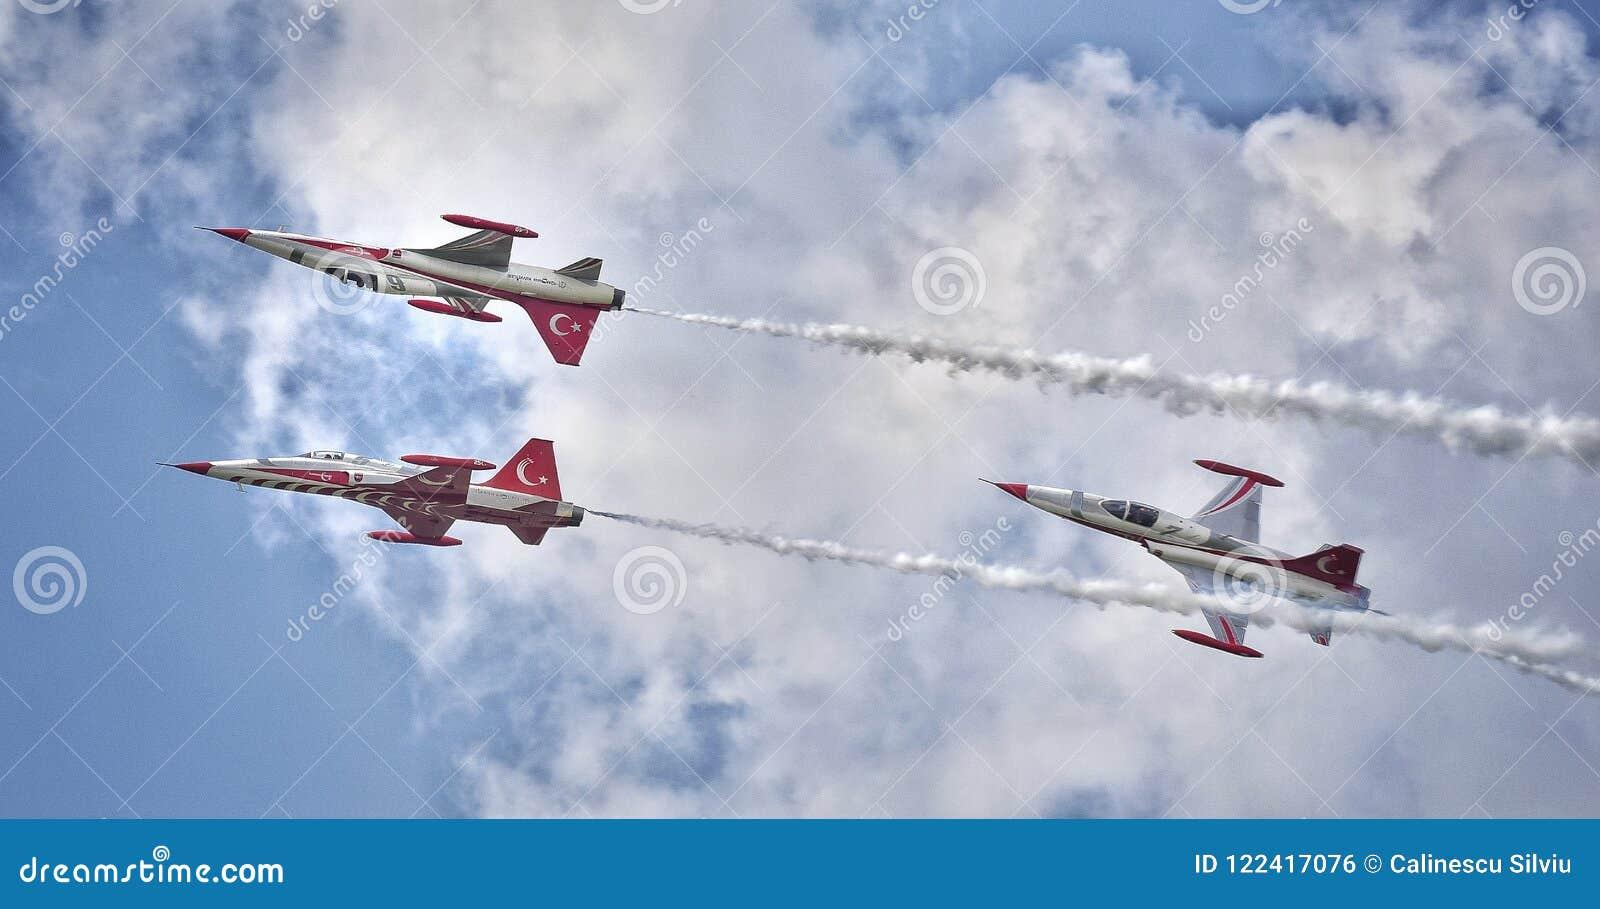 Toont de Internationale Lucht van Boekarest BIAS 2018